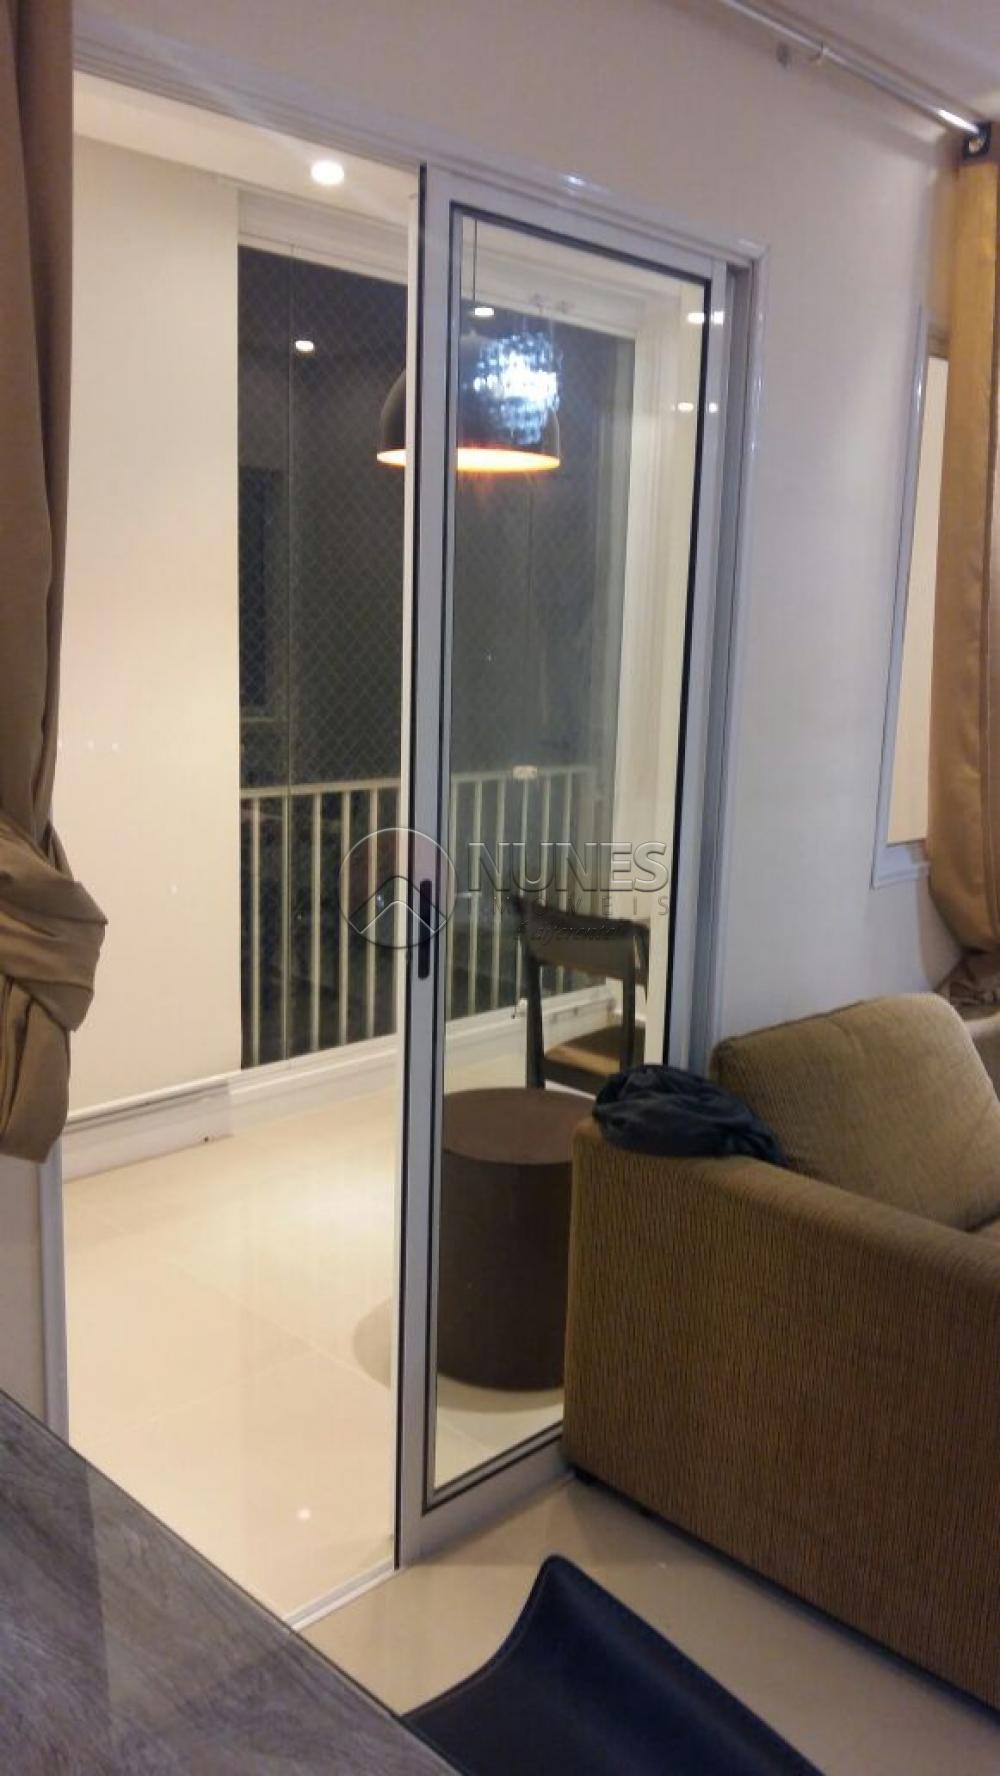 Comprar Apartamento / Padrão em Osasco apenas R$ 340.000,00 - Foto 7